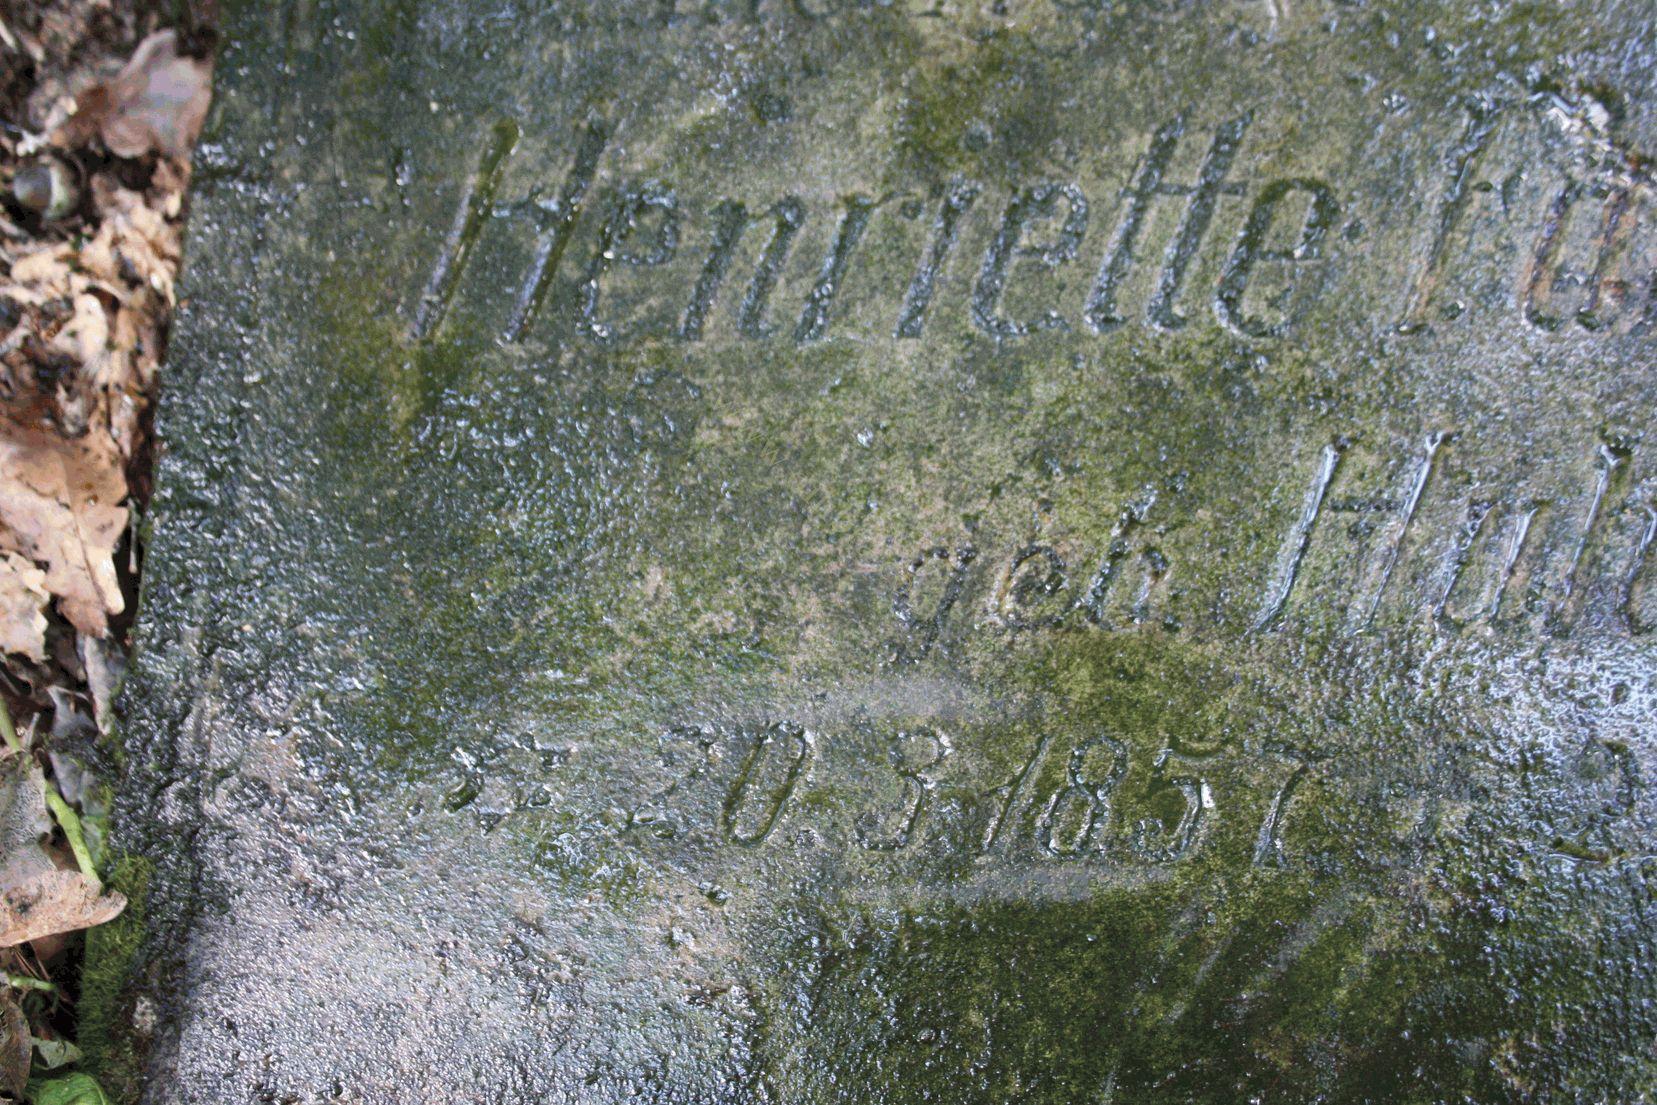 HenrietteFanselow - Oststernberg, Neumark, Huhn, Grabstein, Fanselow, Beatenwalde, 1932, 1857